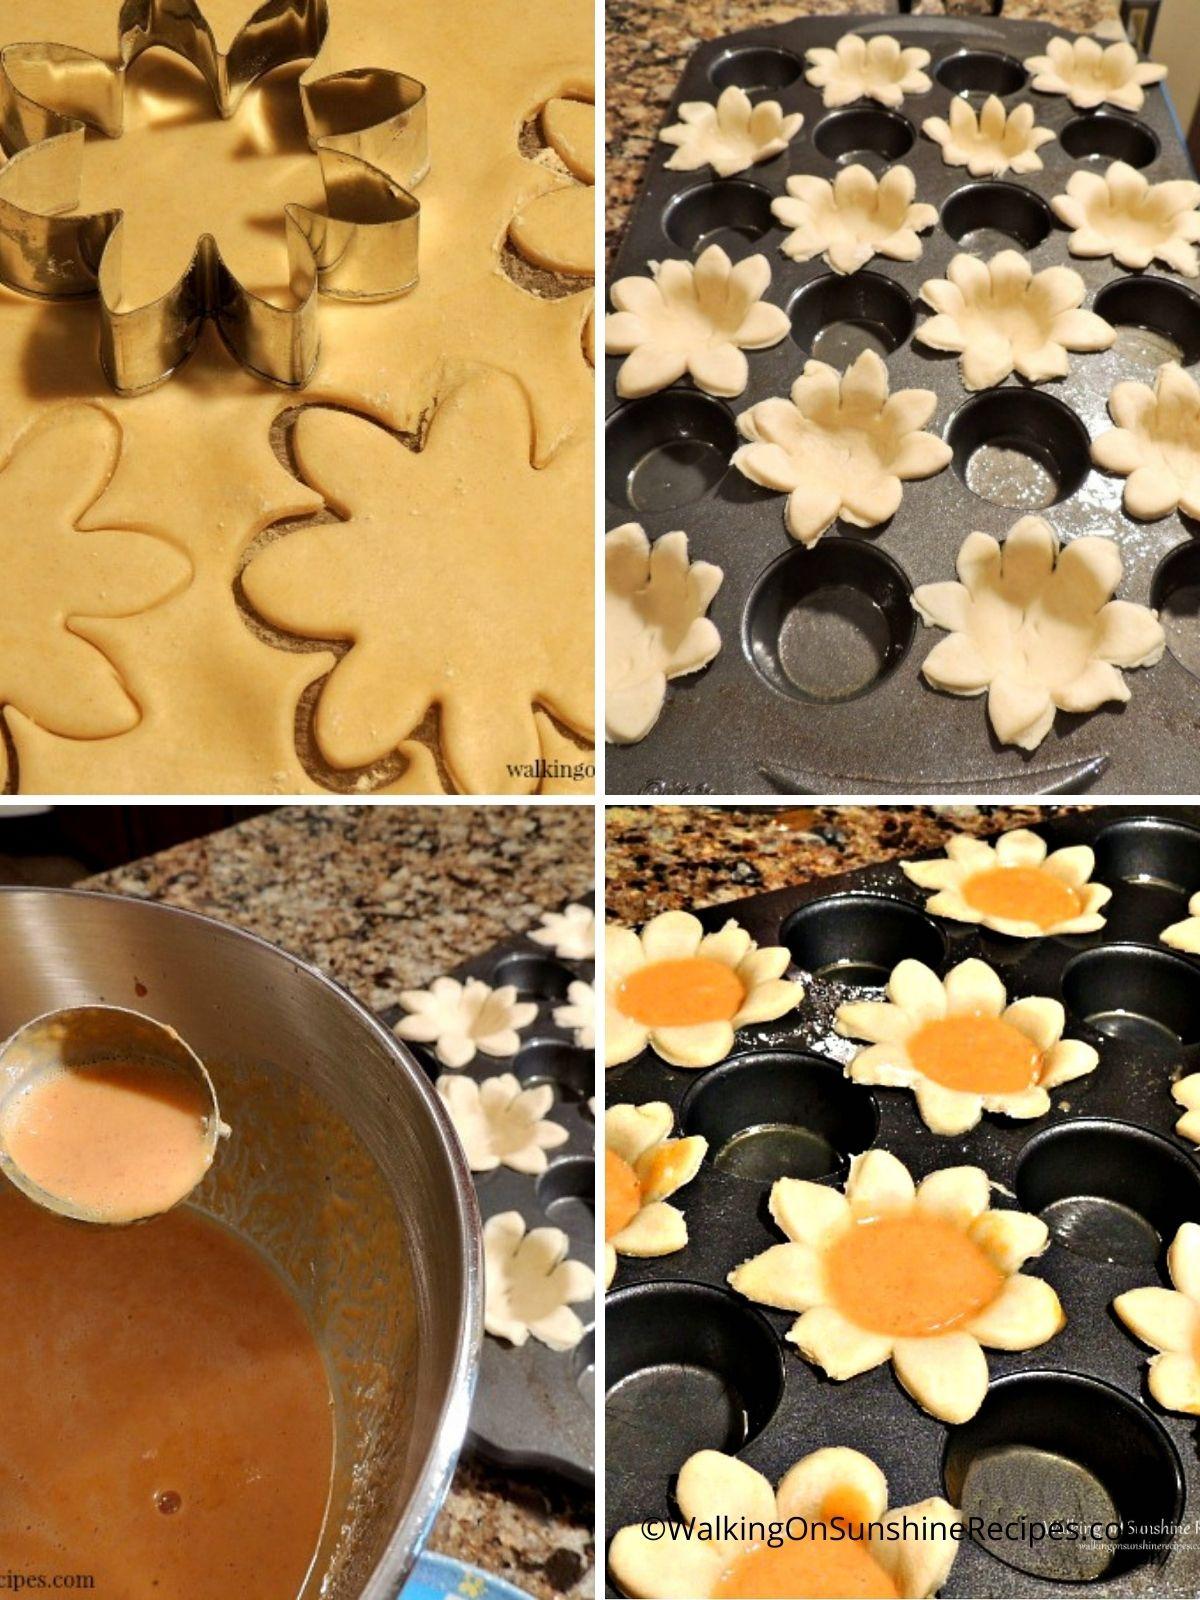 Pumpkin Pie Flowers Process Photos